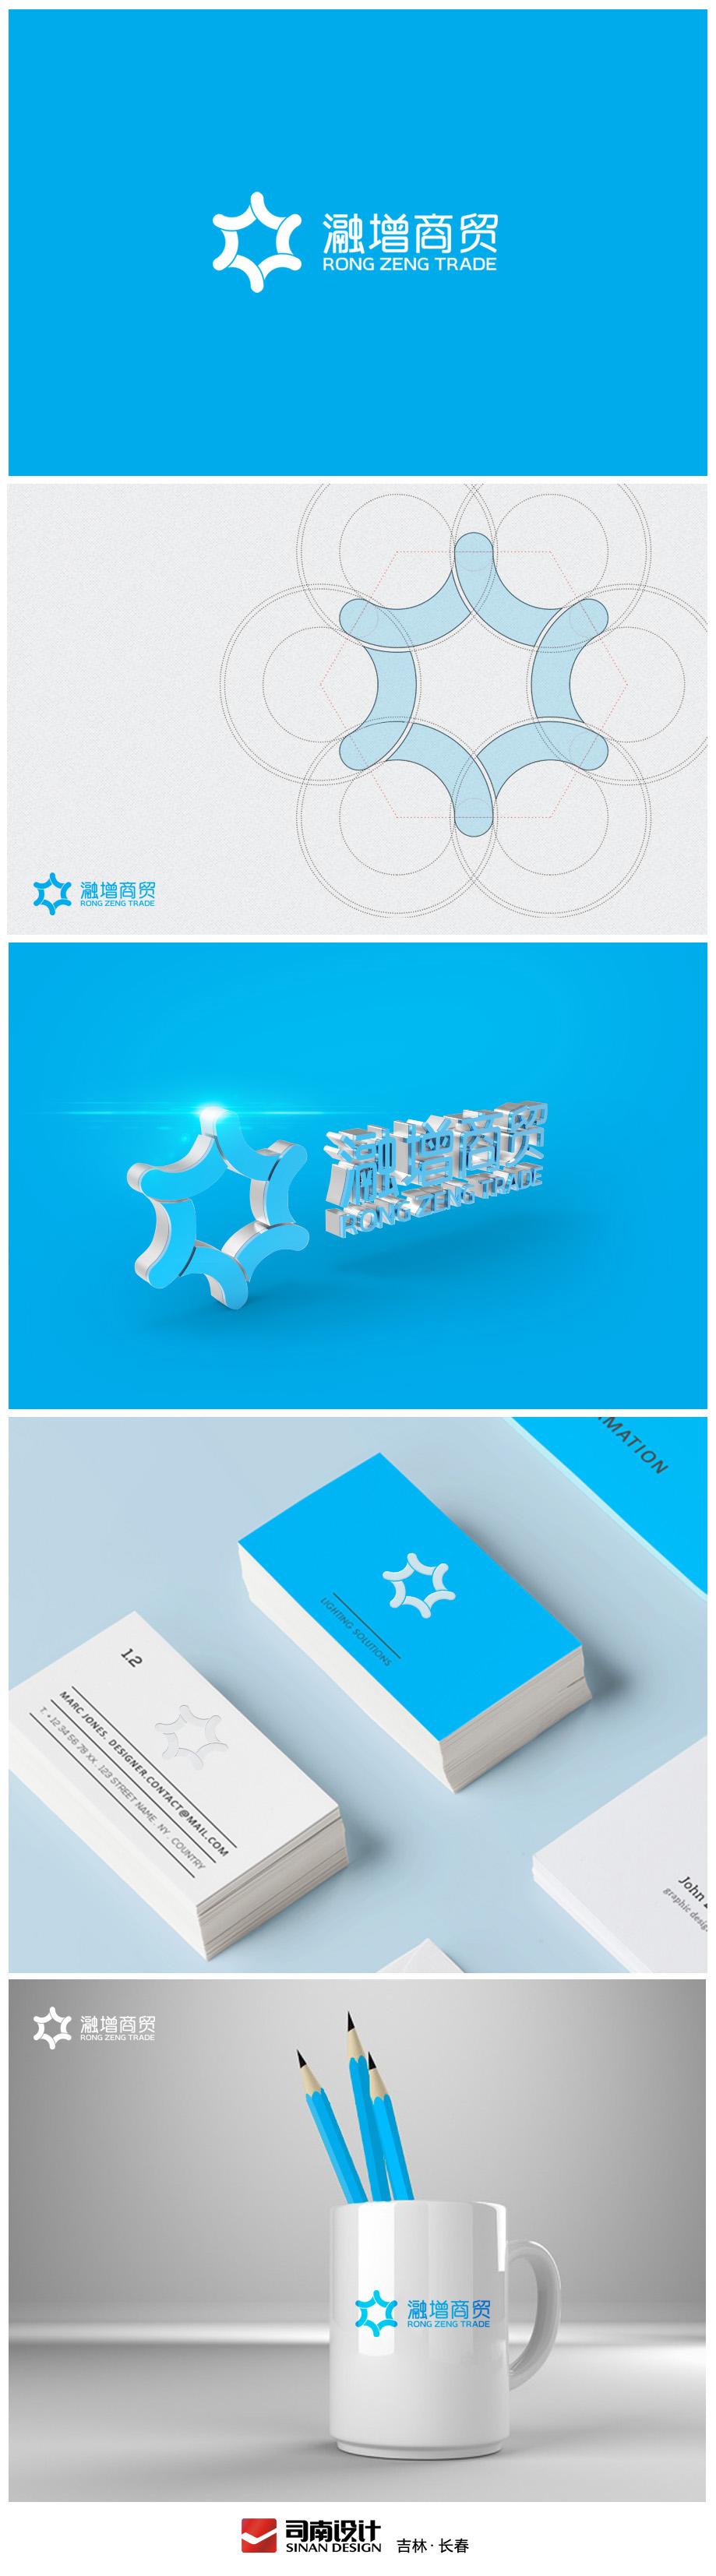 齐发娱乐_商贸公司标志设计